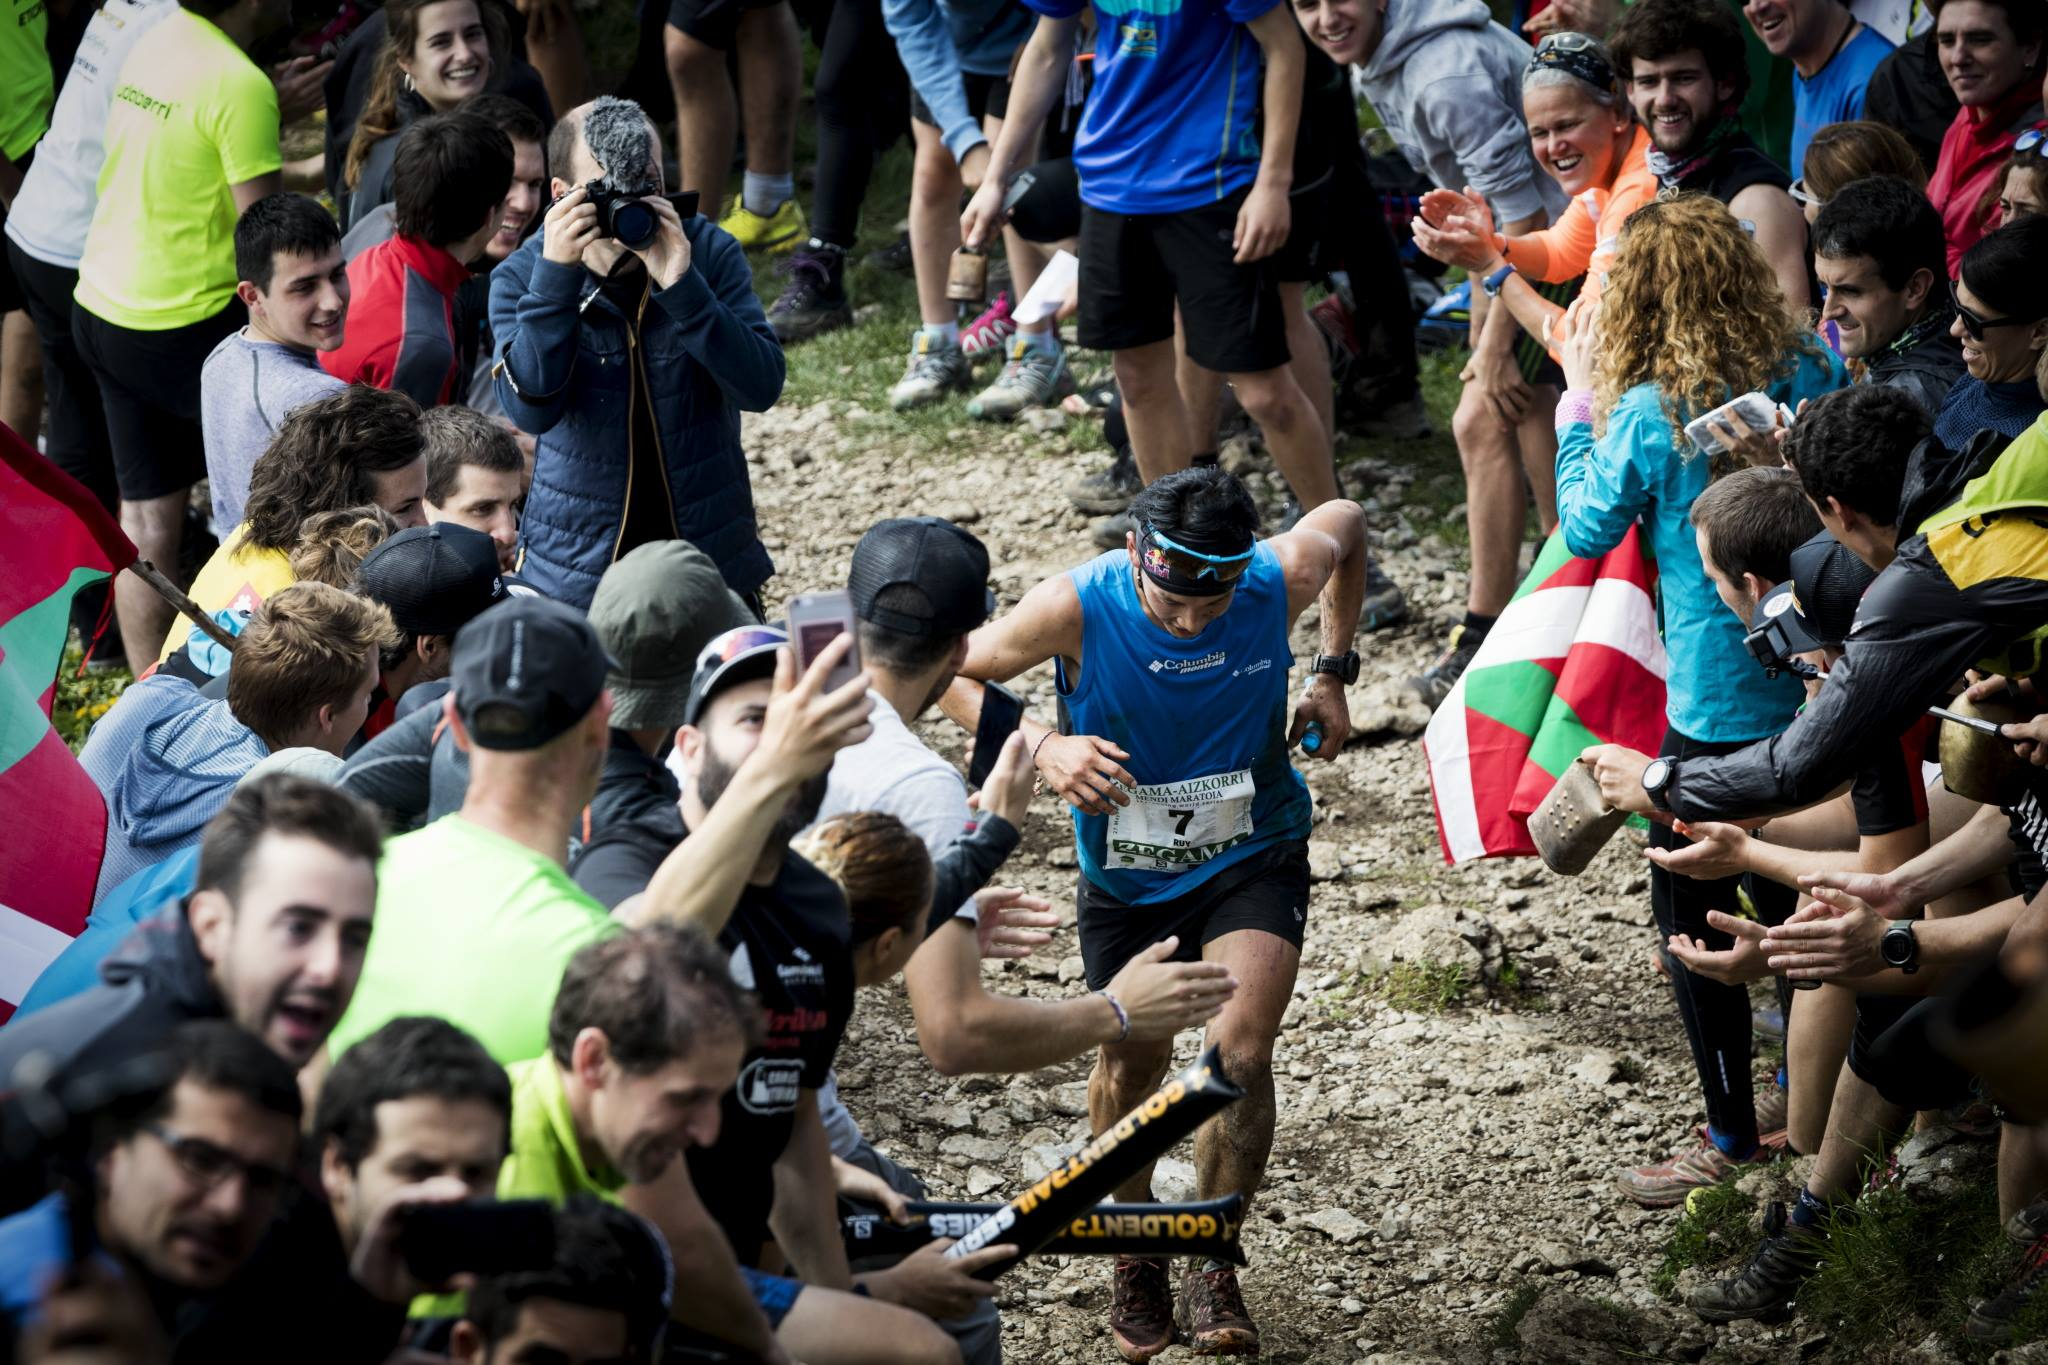 大歓声の中を駆け登る上田 ©Columbia Montrail / Sho Fujimaki